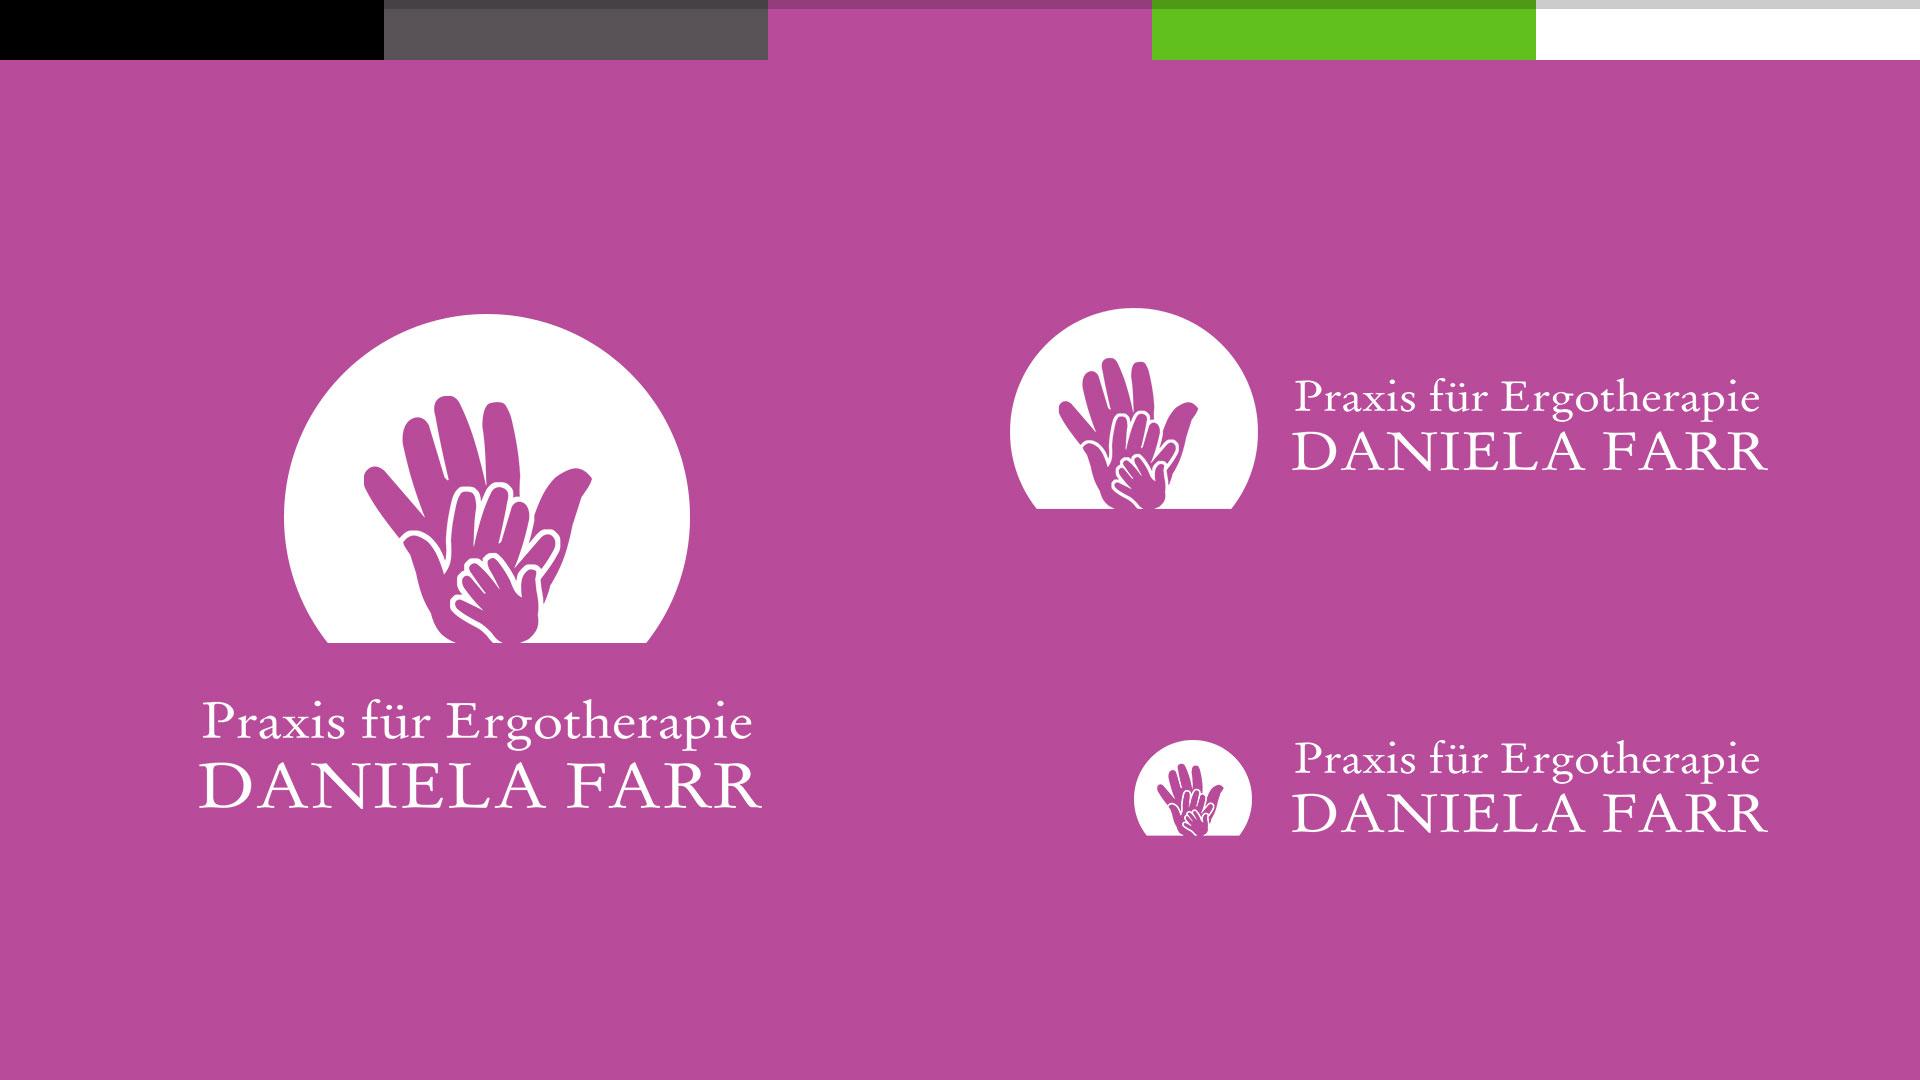 daniela-farr_logo_violett